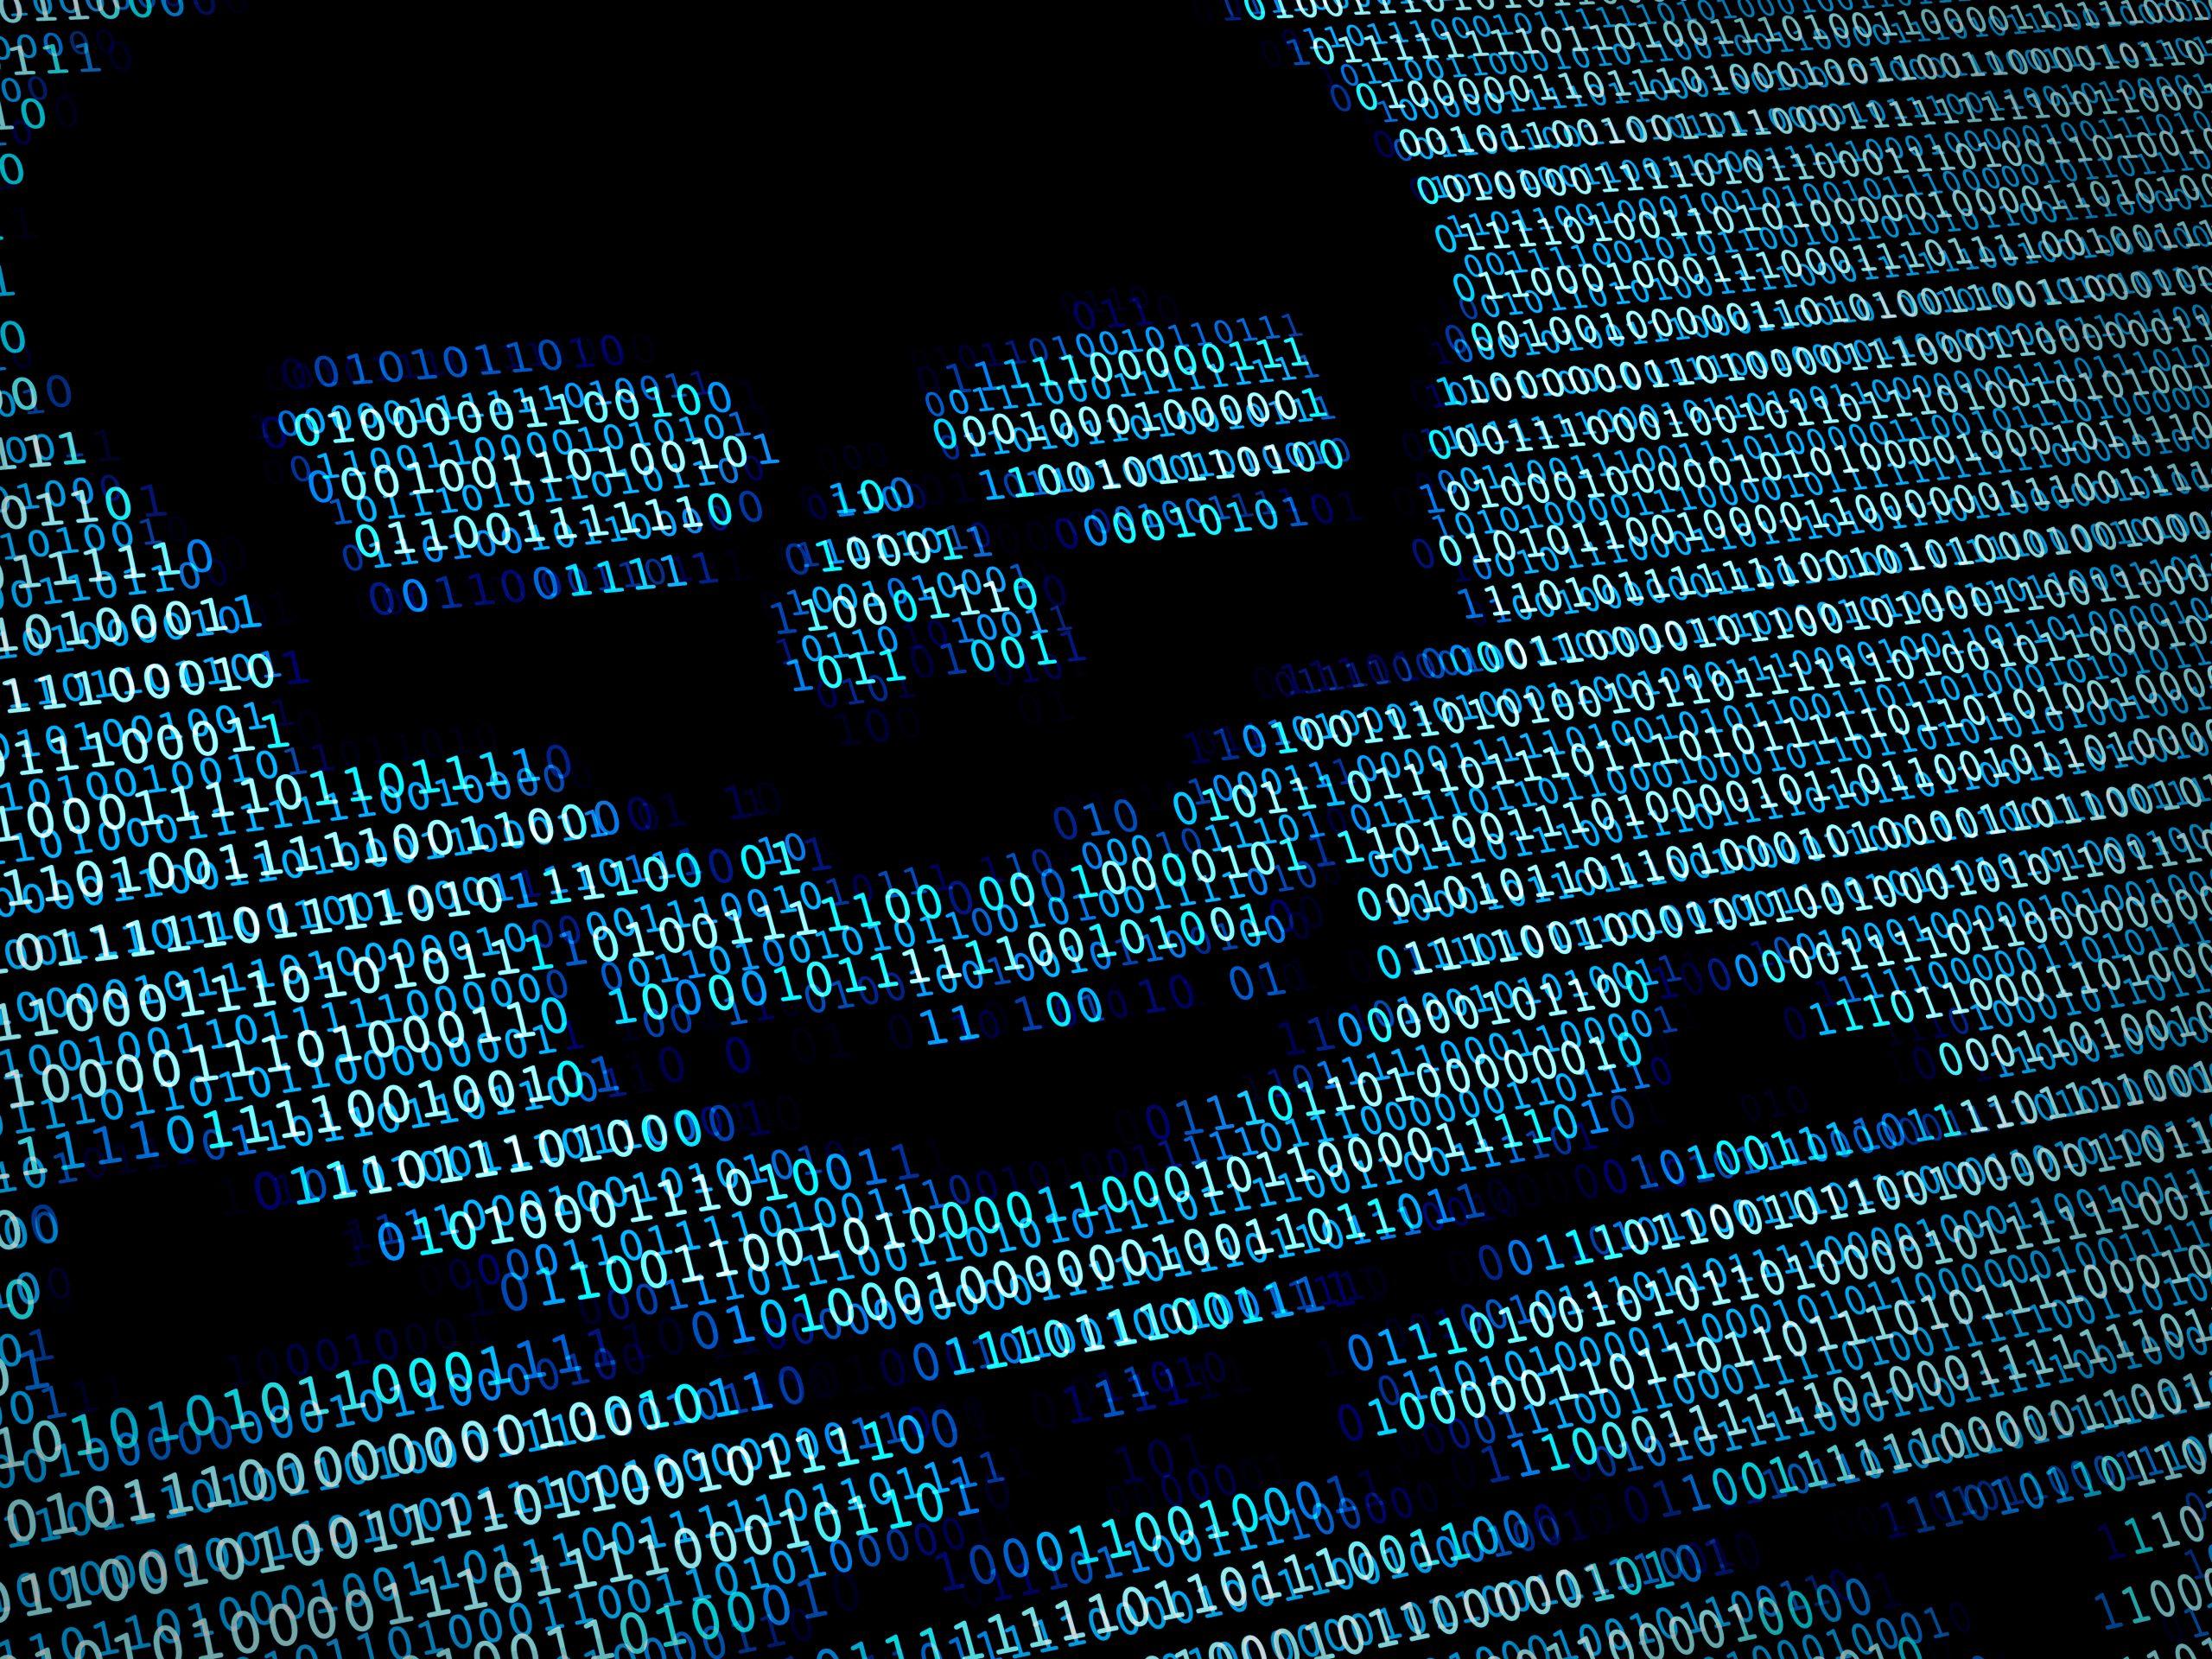 Imagen de una pantalla afectada por un virus informático